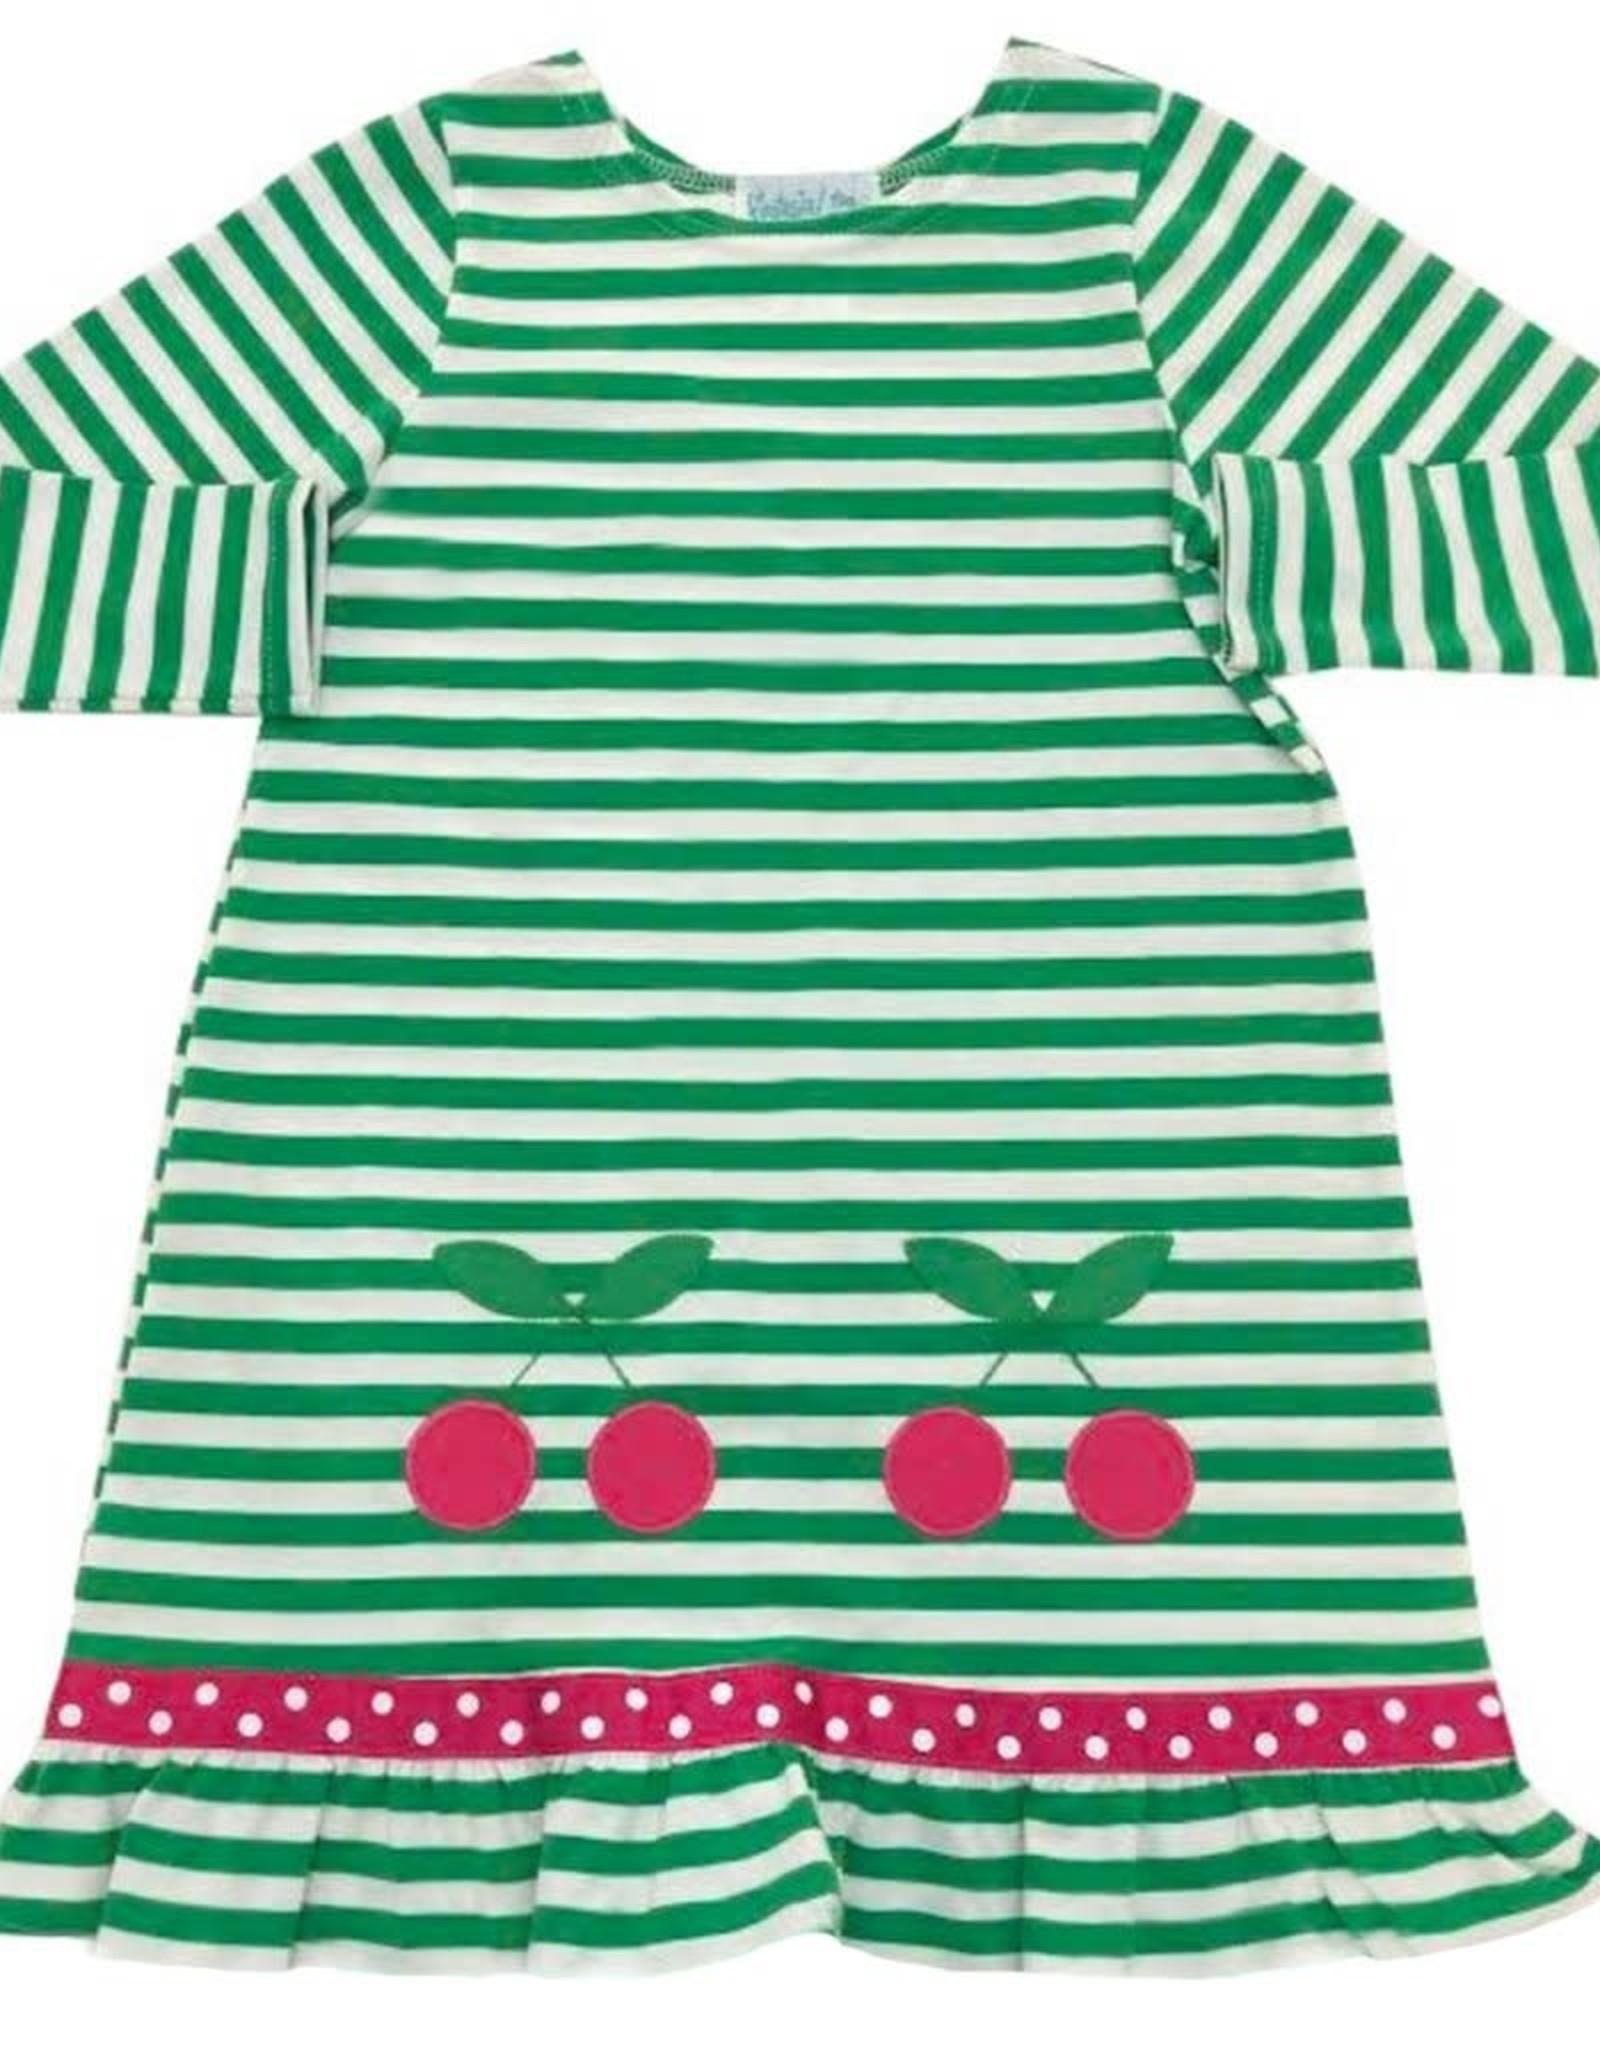 Funtasia Too Knit Dress Cherries